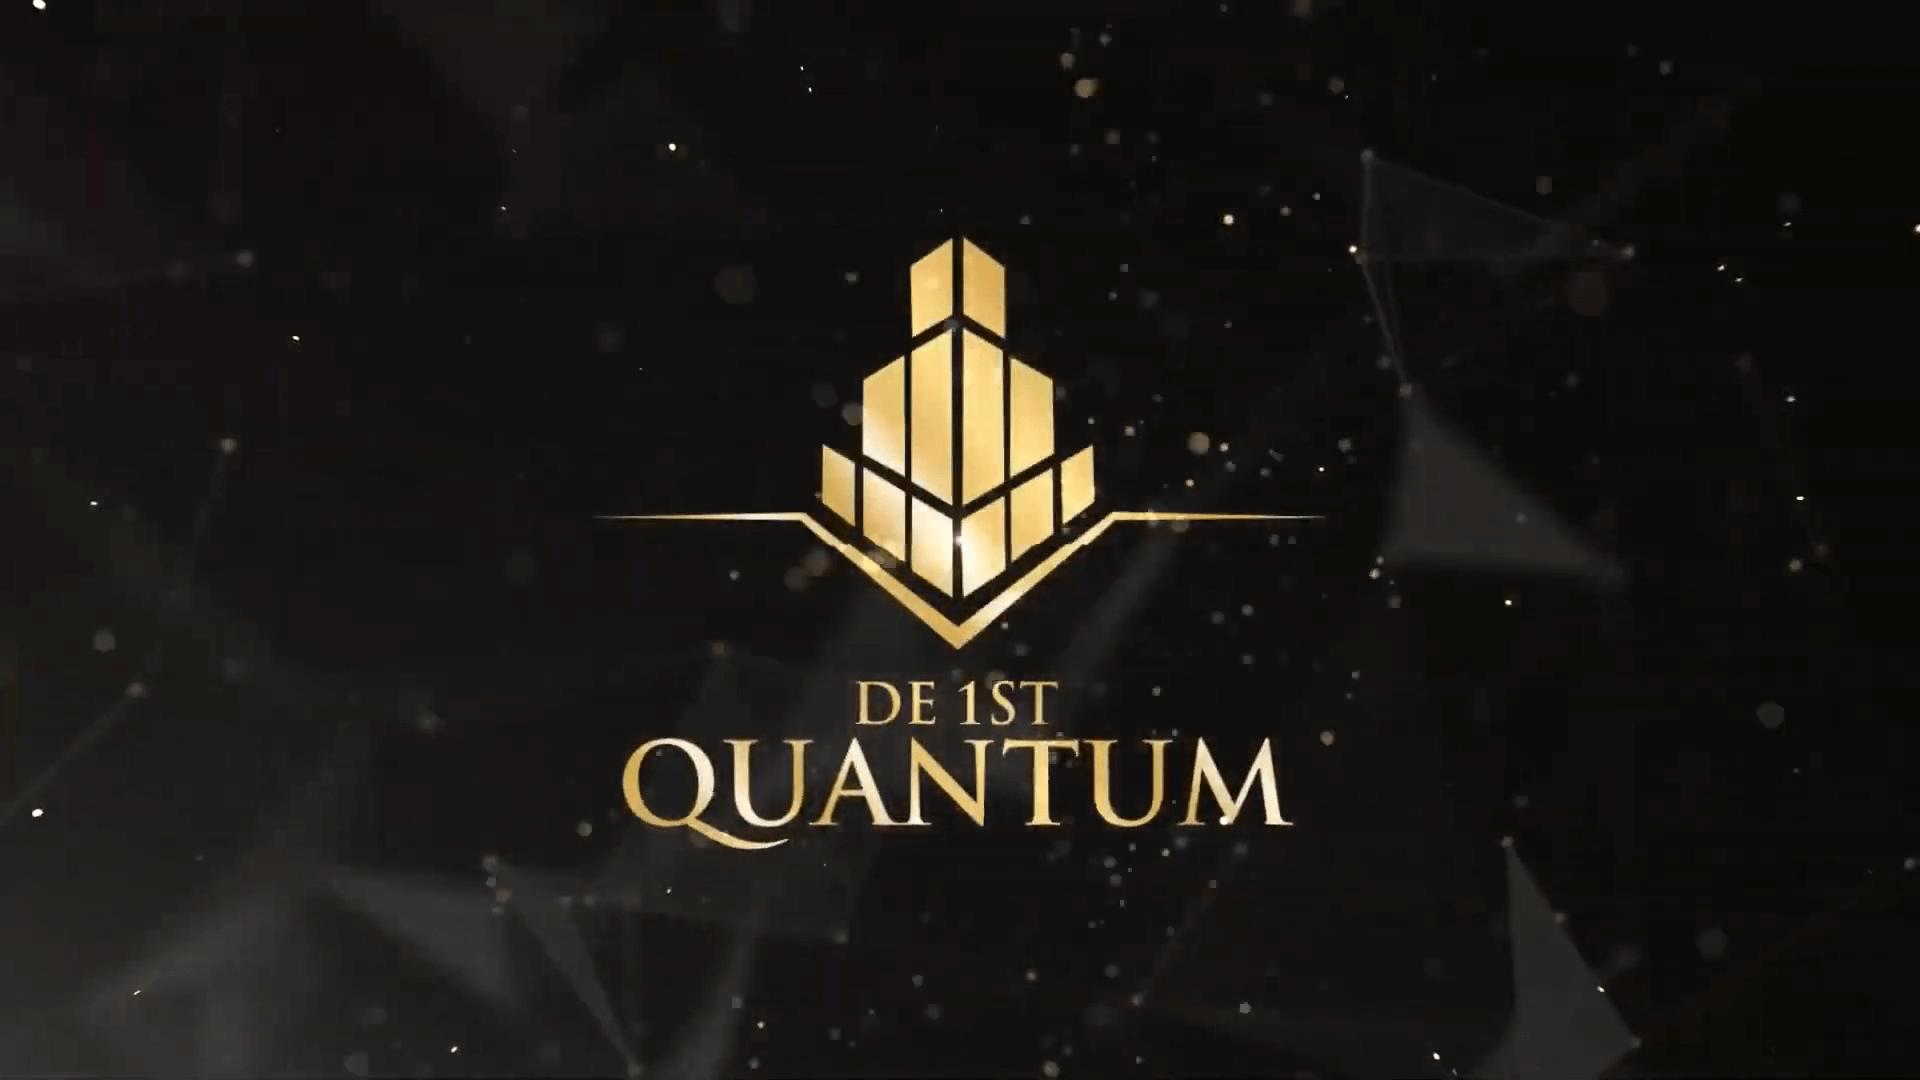 Dự án de 1st quantum logo chính